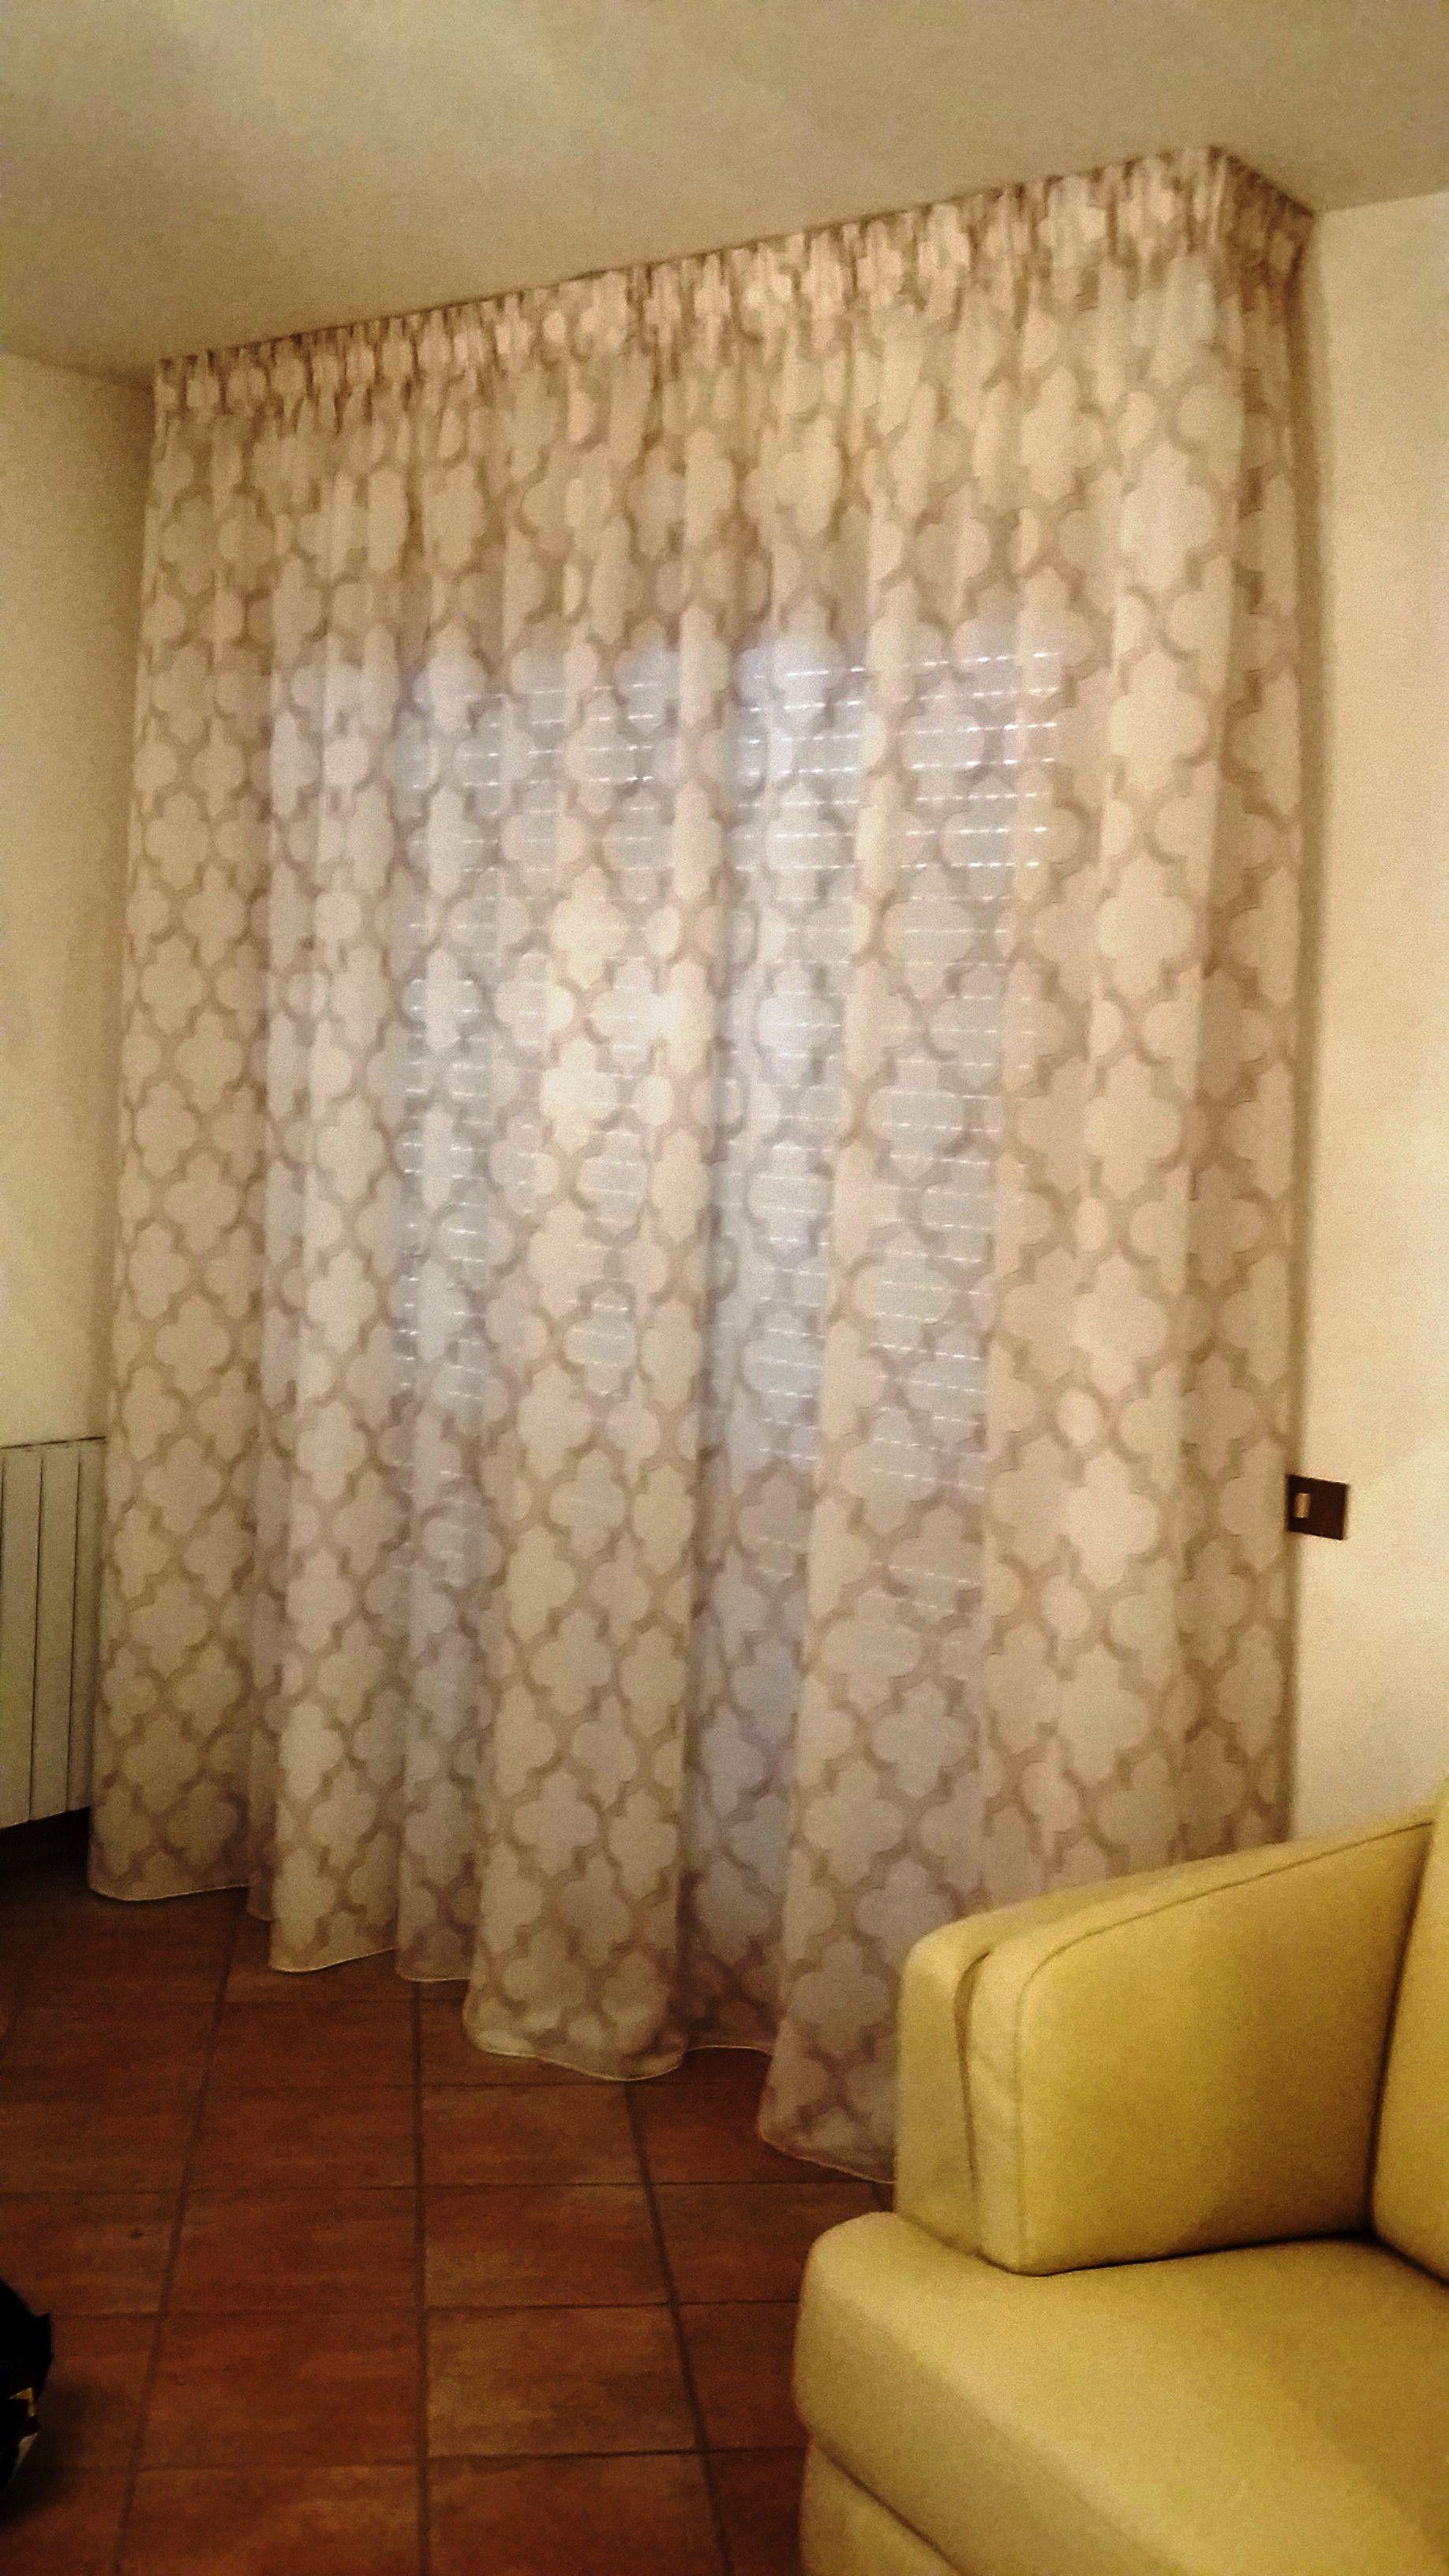 Tende arricciate su binari per sala tende da interni serramenti ed avvolgibili pinterest - Tende per sala moderna ...